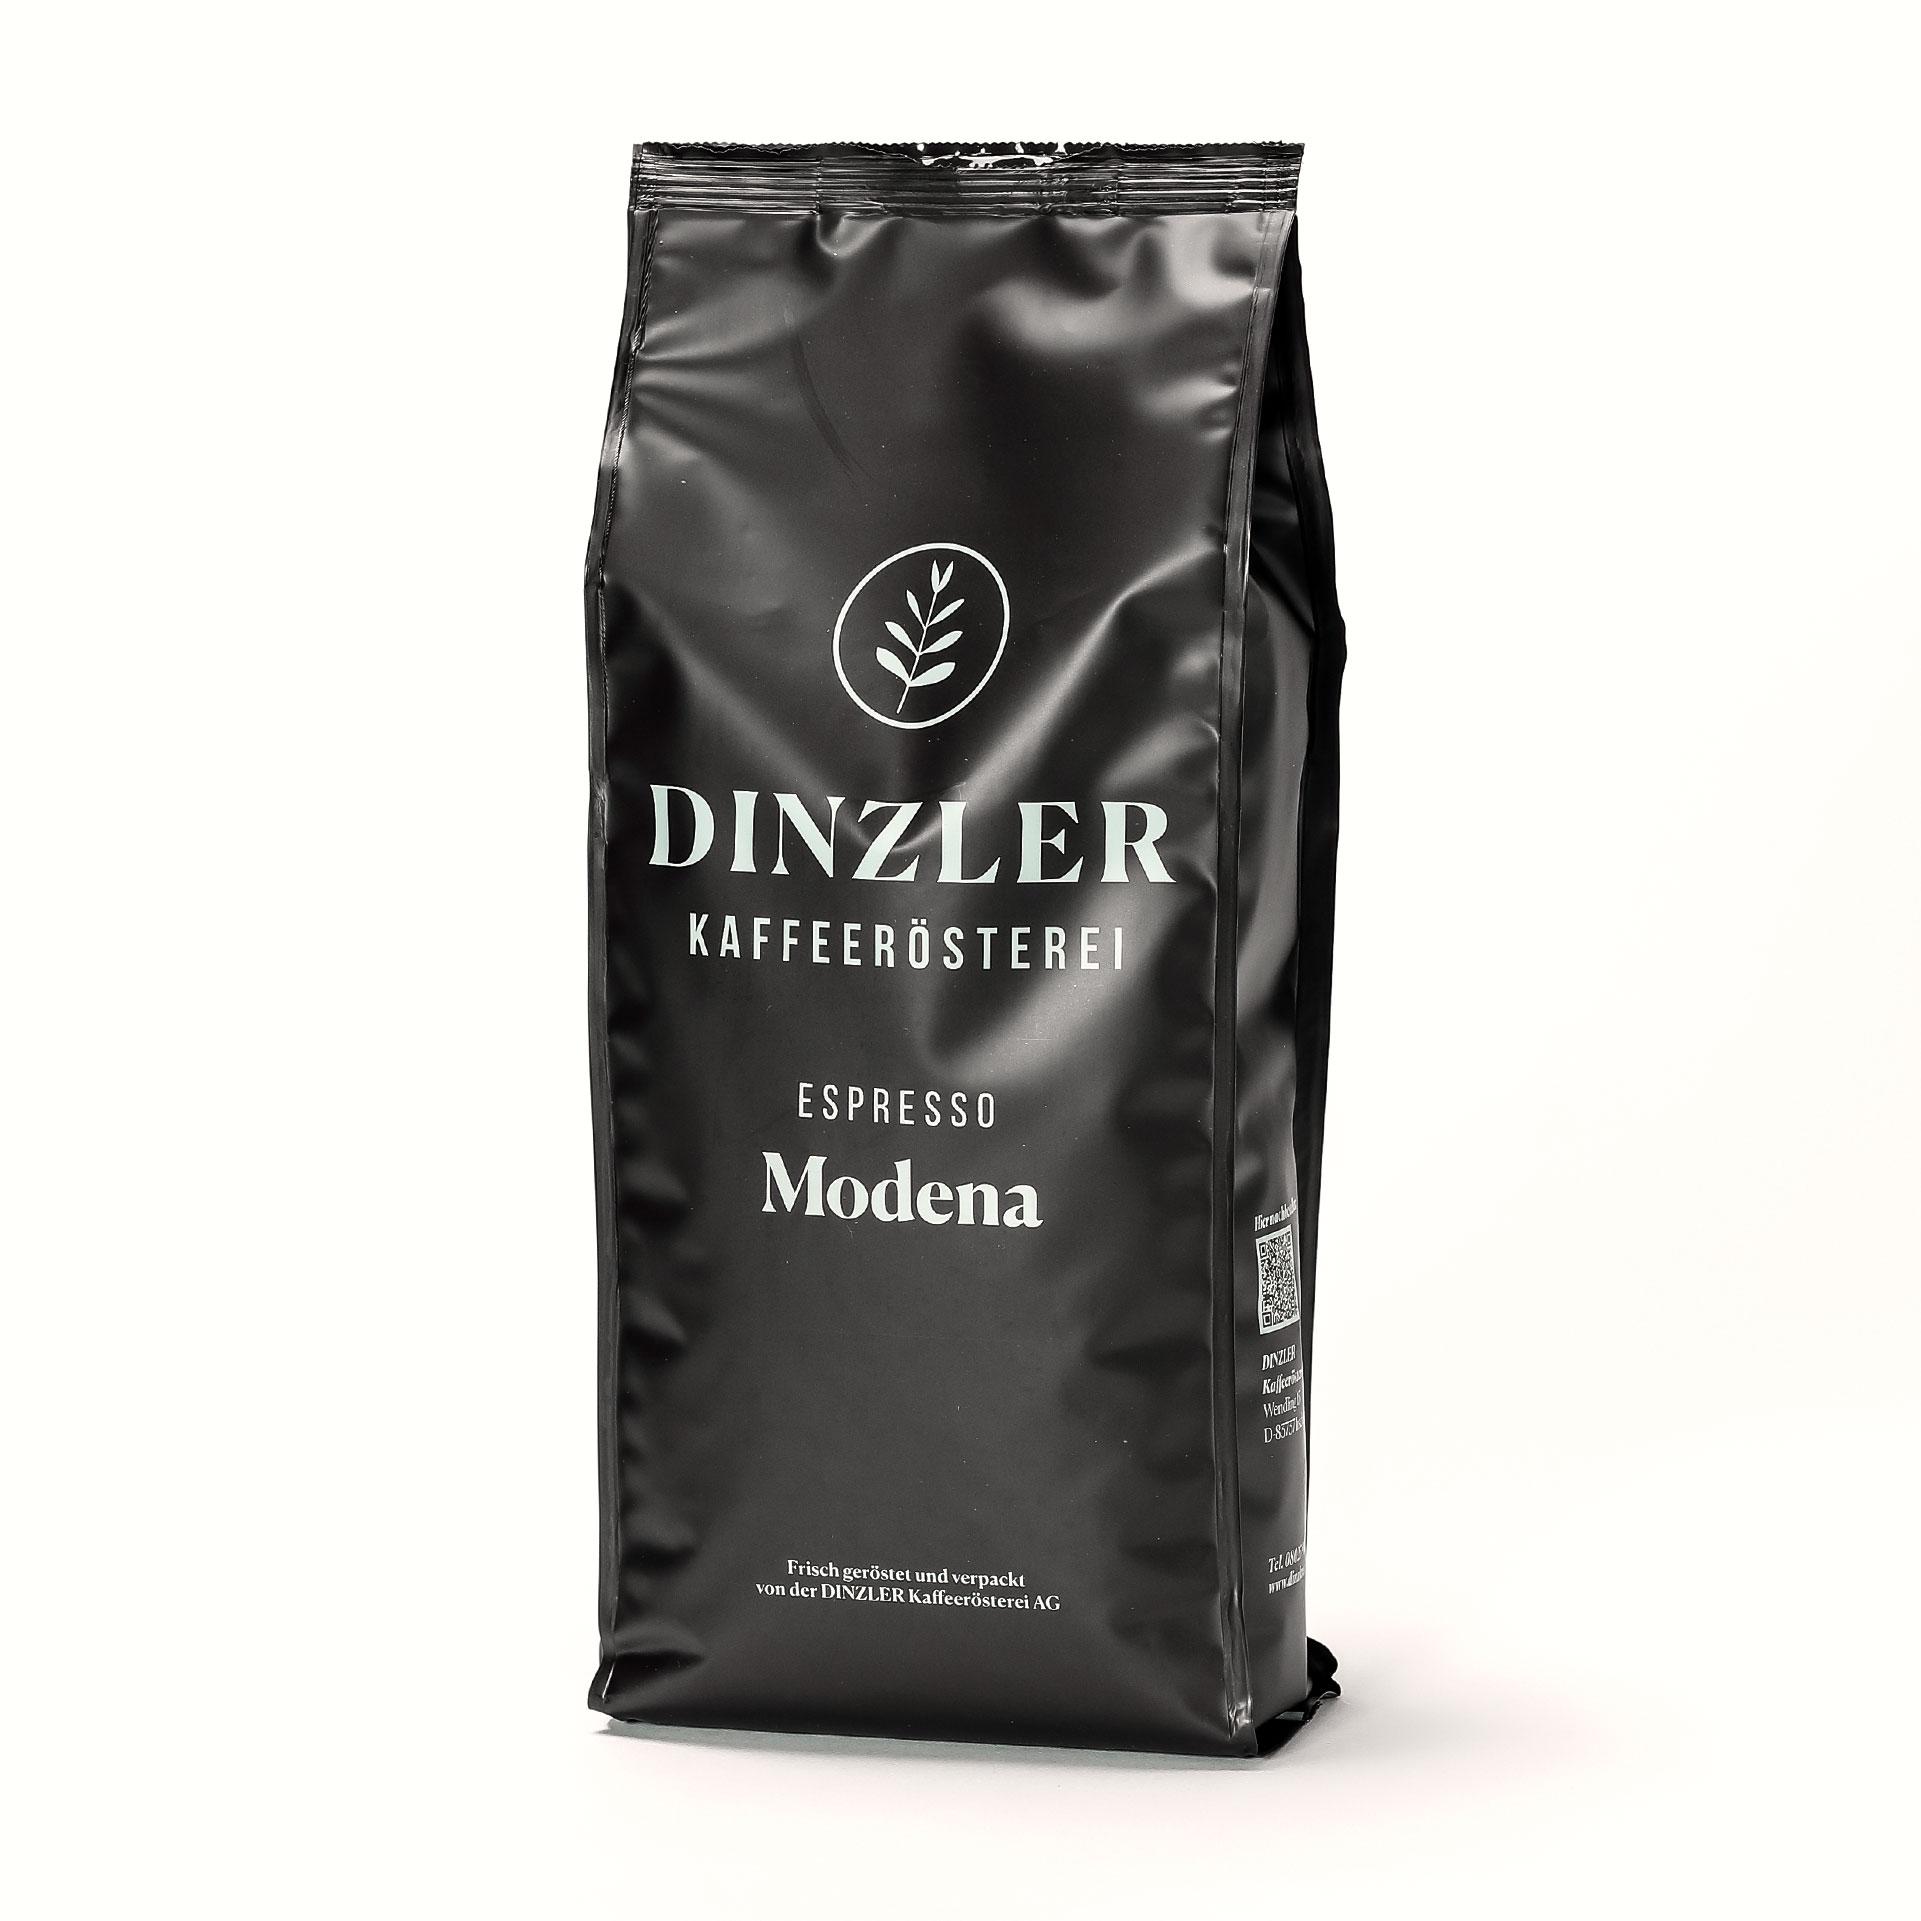 DINZLER Espresso Modena